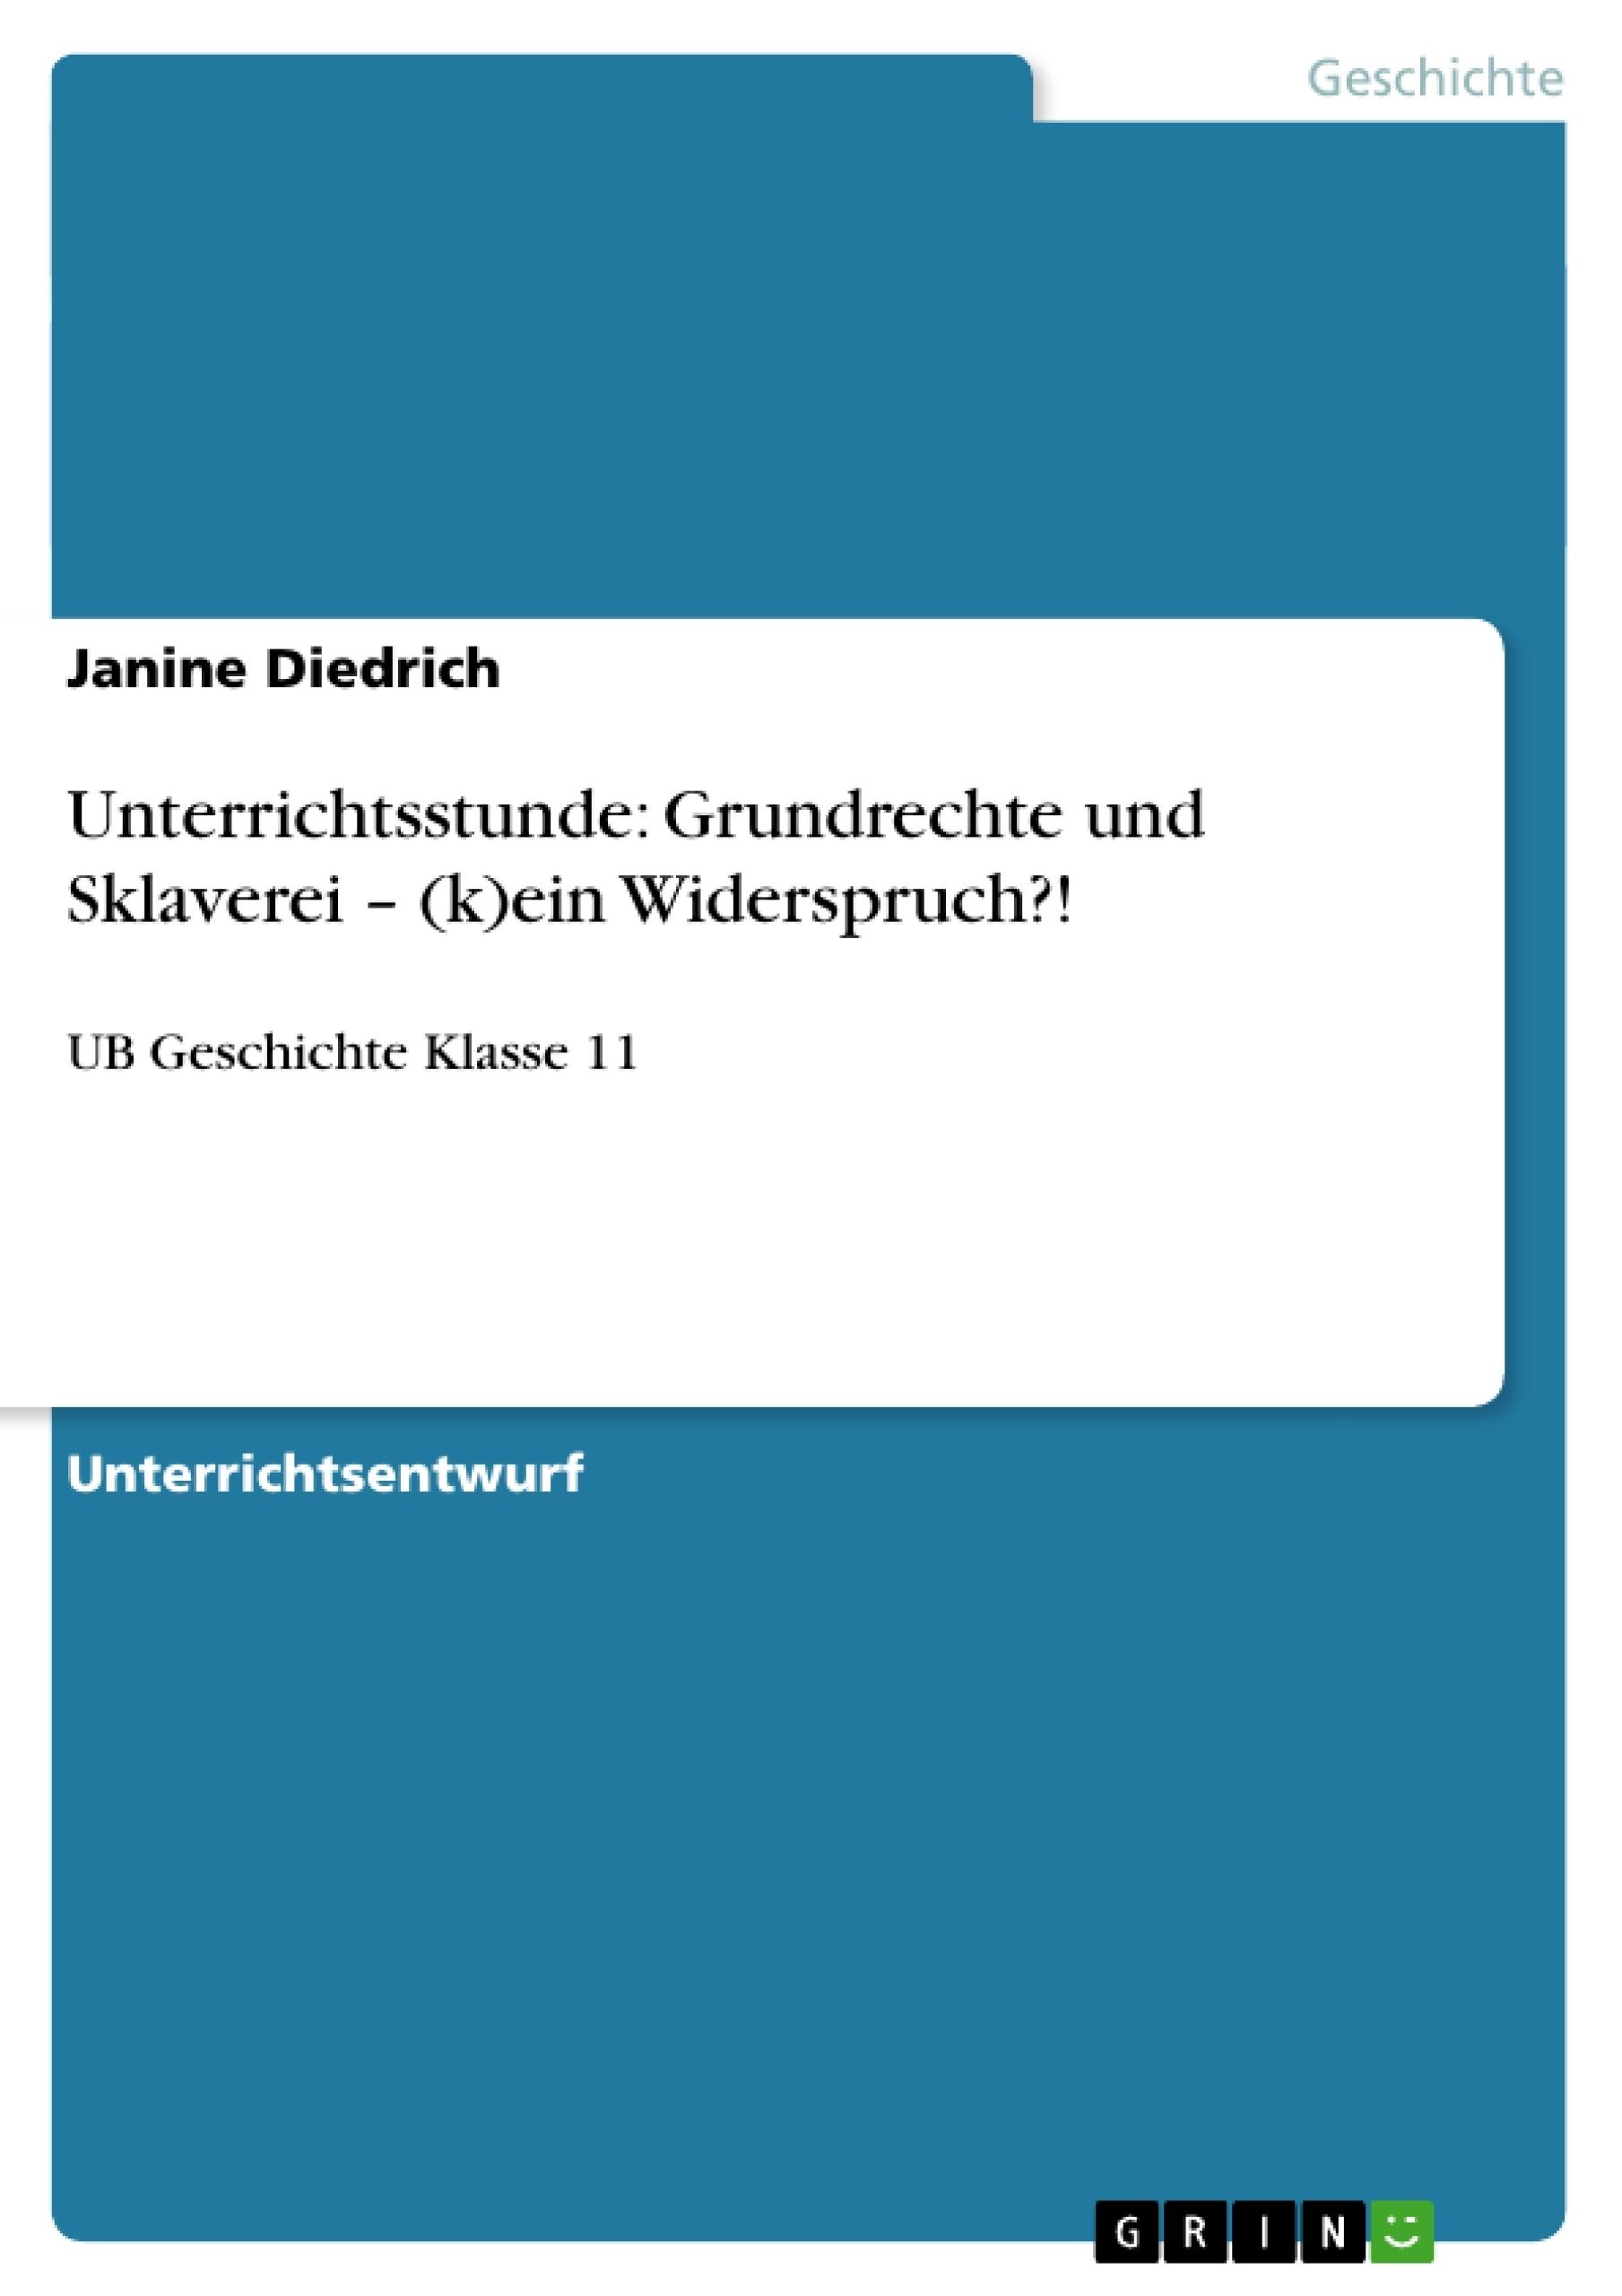 Titel: Unterrichtsstunde: Grundrechte und Sklaverei – (k)ein Widerspruch?!